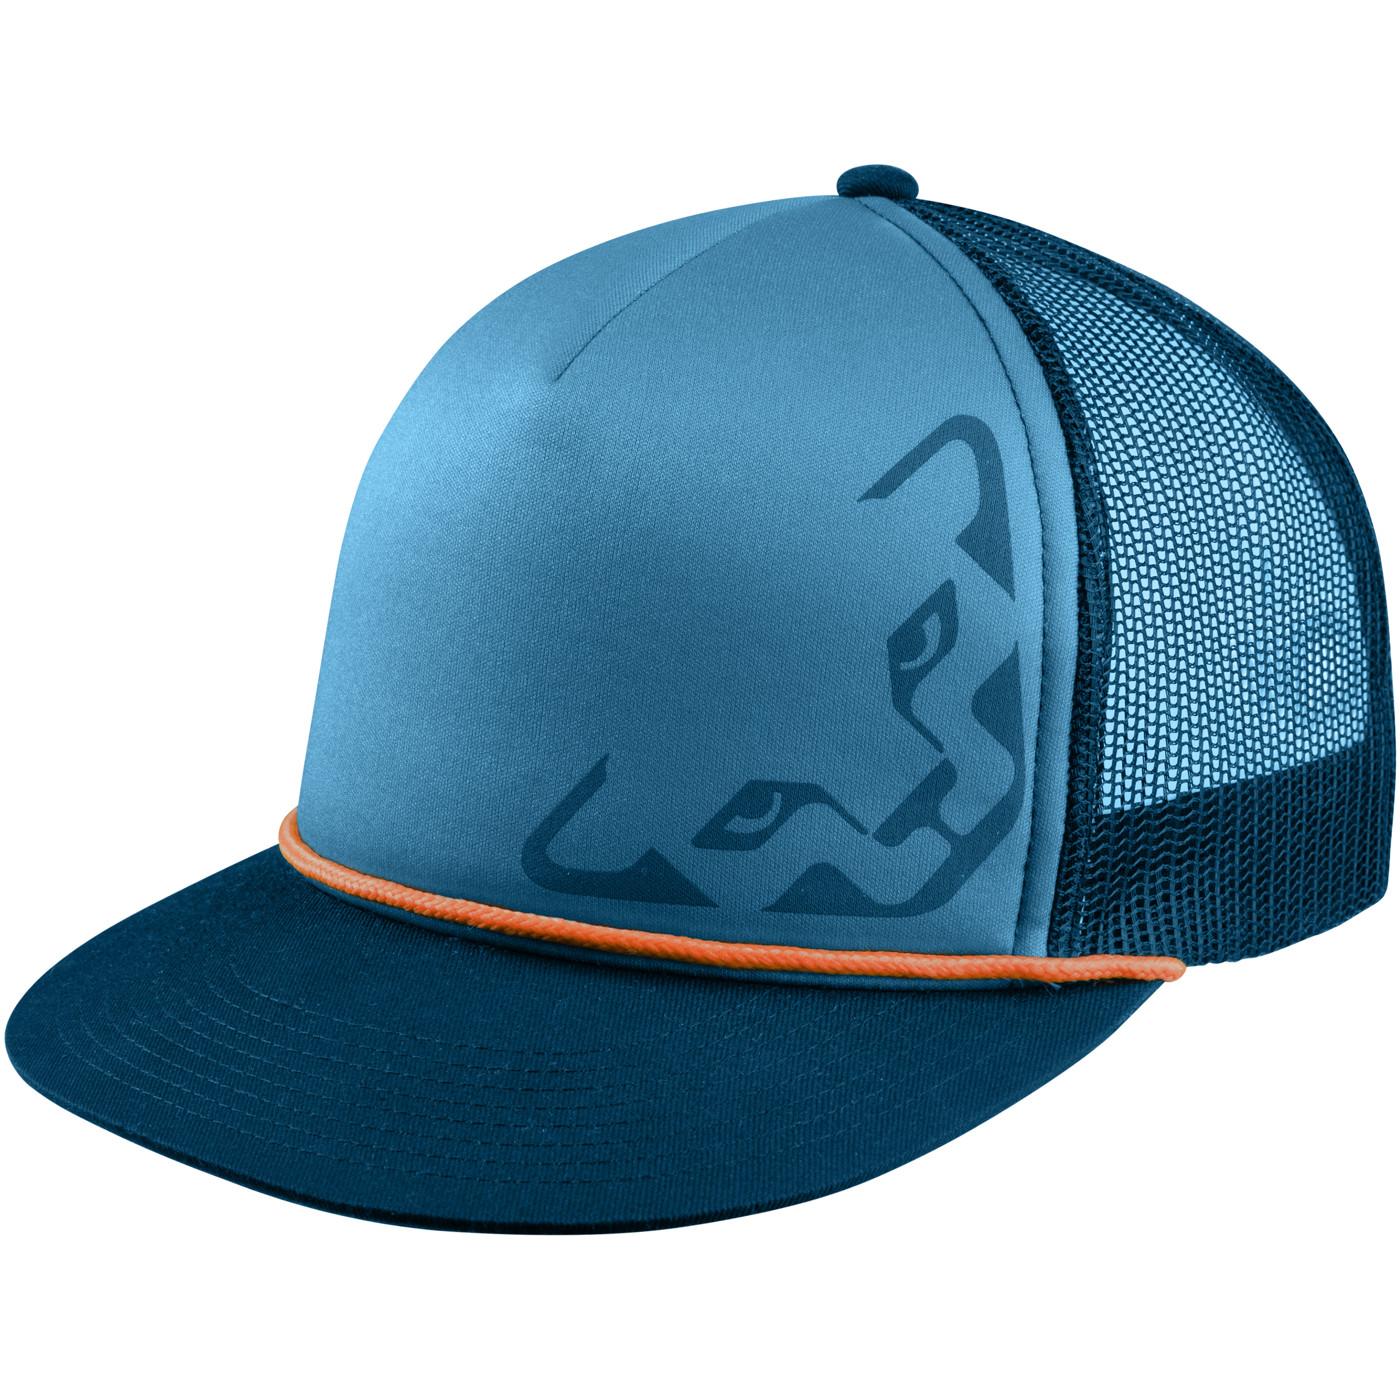 DYNAFIT TRUCKER 3 CAP - Herren